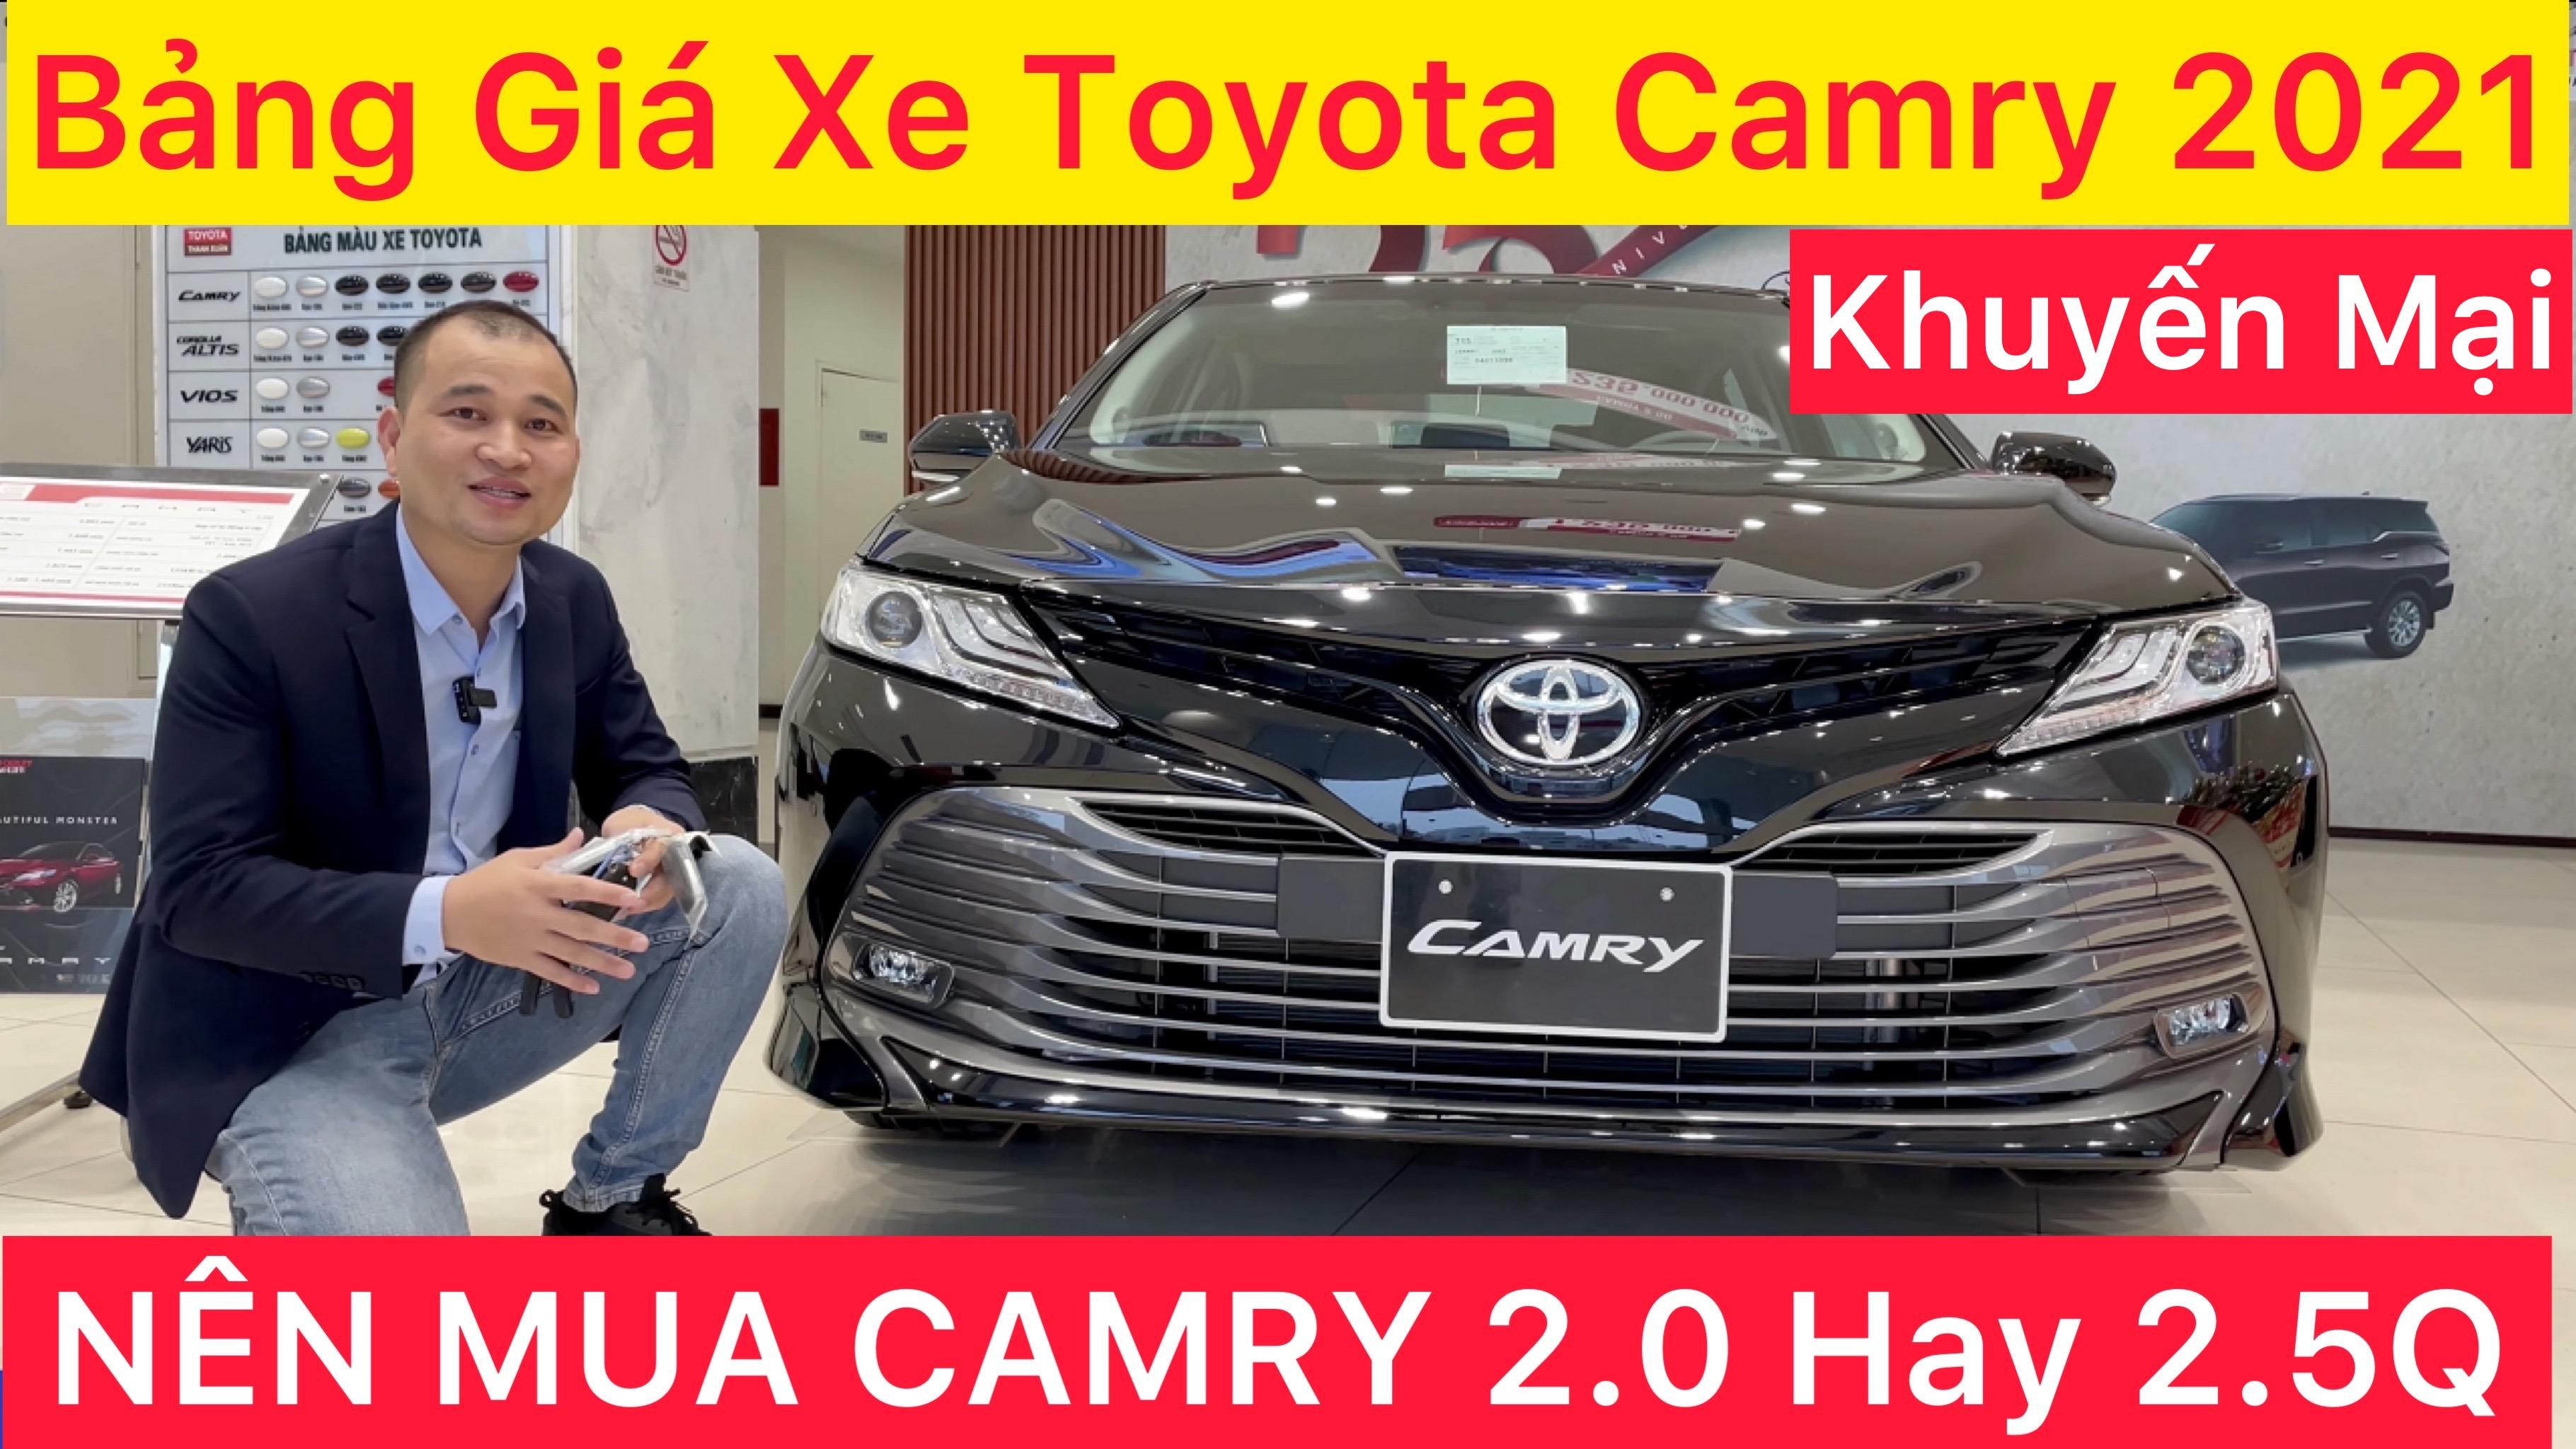 Bảng Giá Xe CAMRY 2021 So Sánh Nên Mua Camry 2.0G Hay 2.5Q,Cập Nhật Khuyến Mại Đánh Giá 300 Triệu